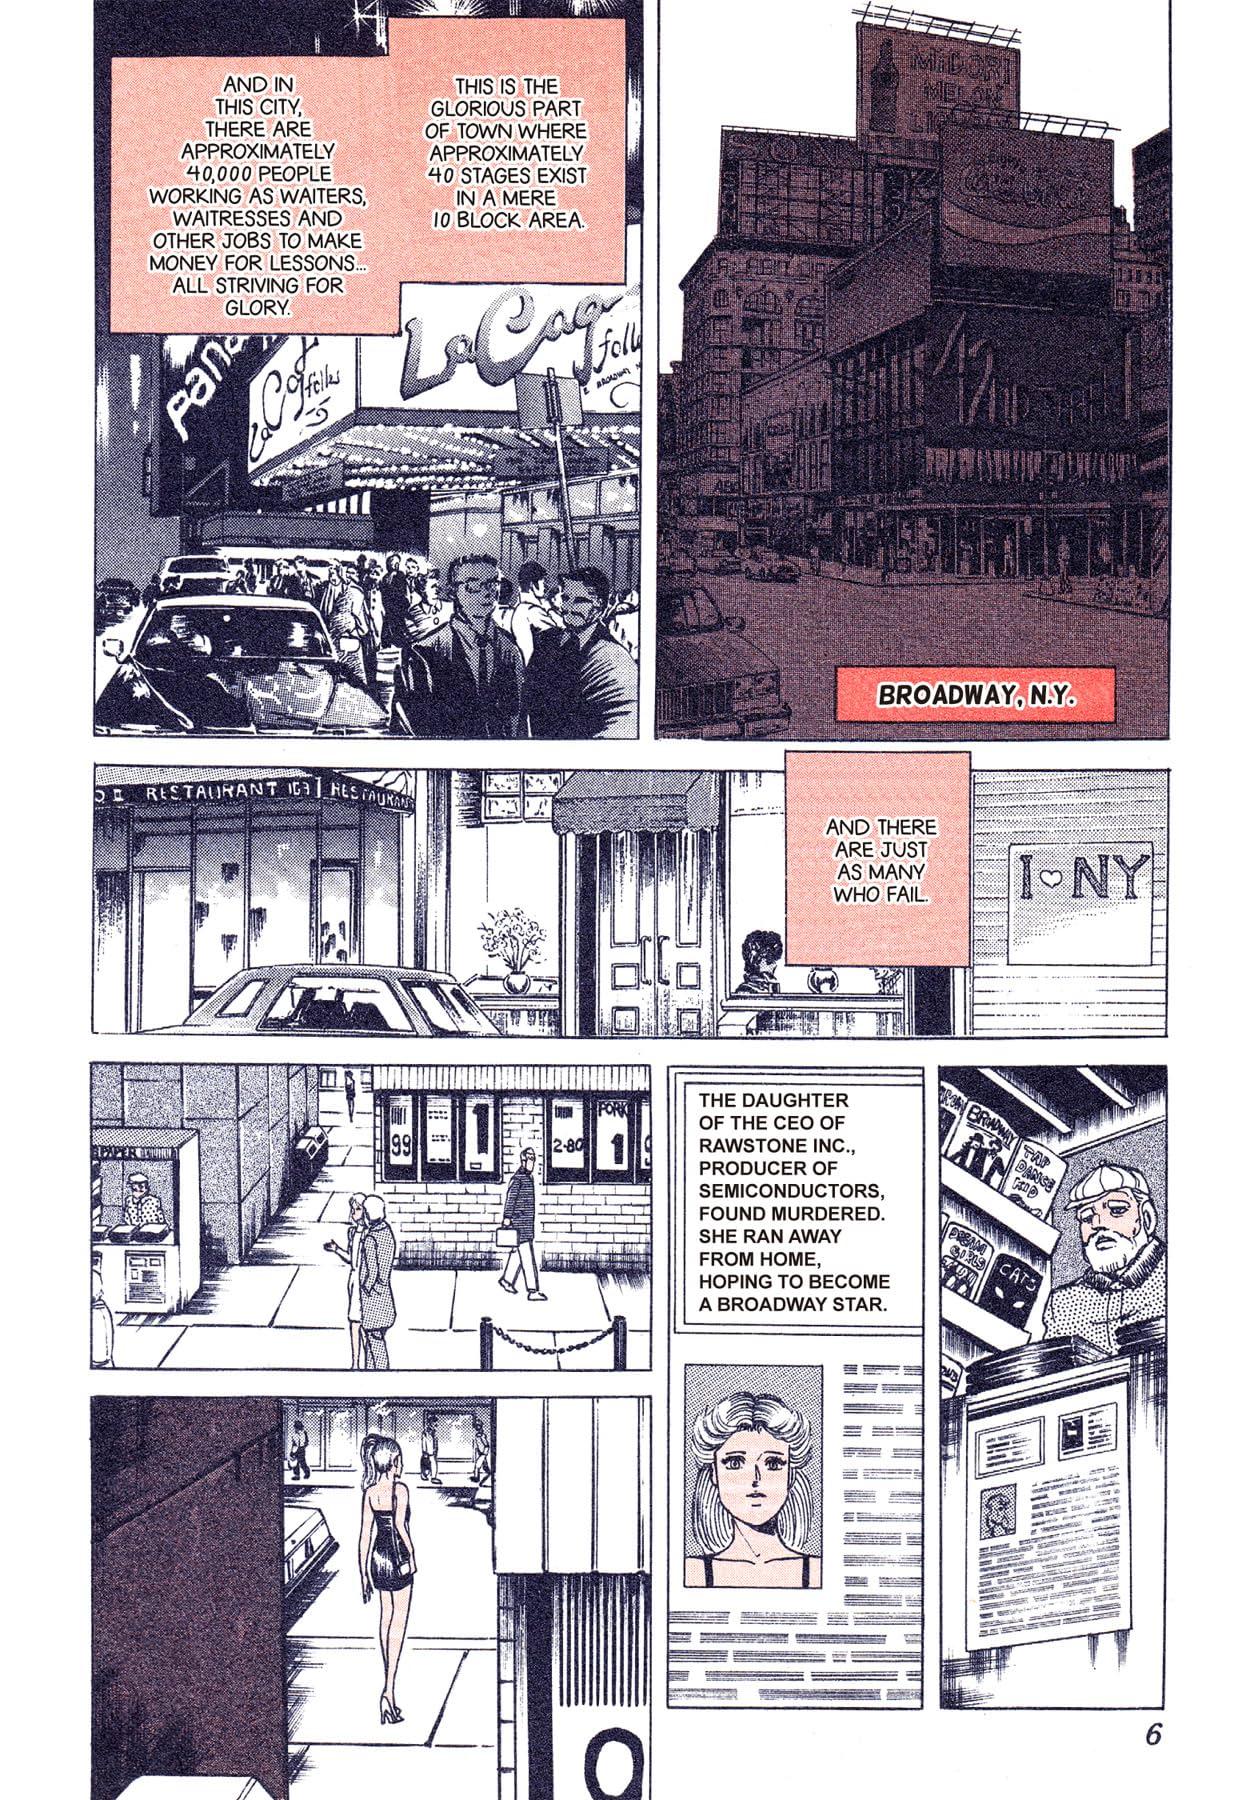 MIQUIZTLI Vol. 8